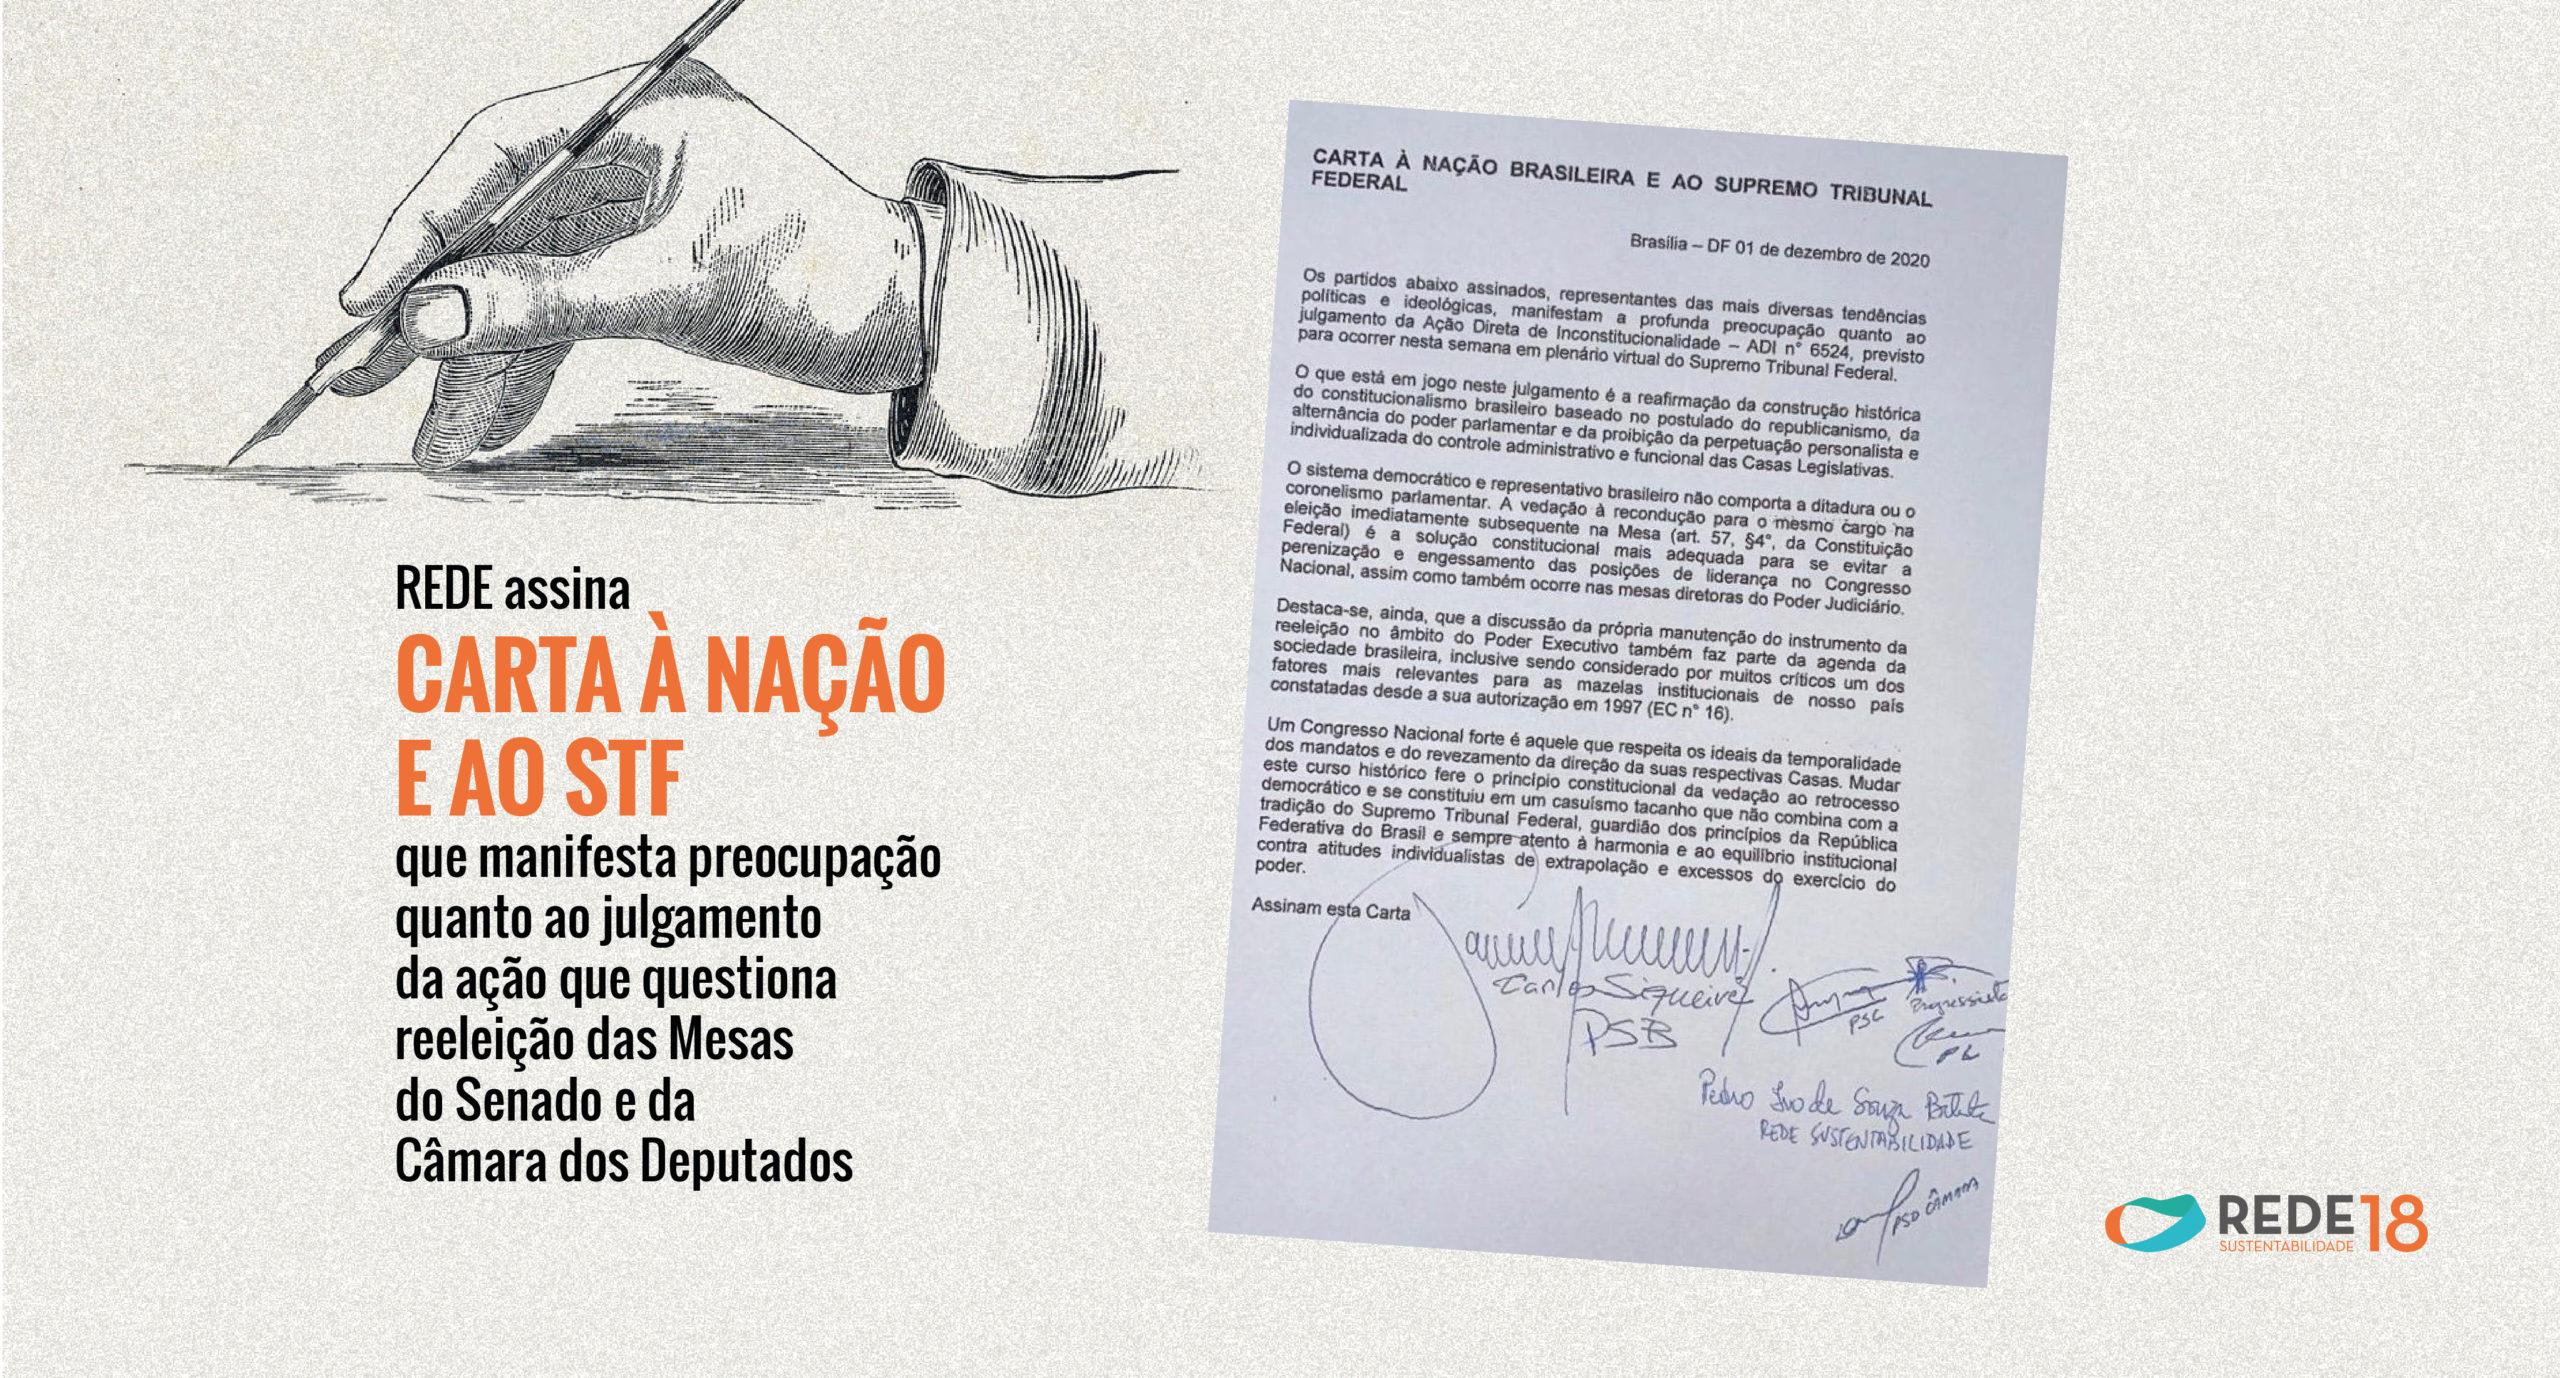 Carta à Nação Brasileira e ao Supremo Tribunal Federal